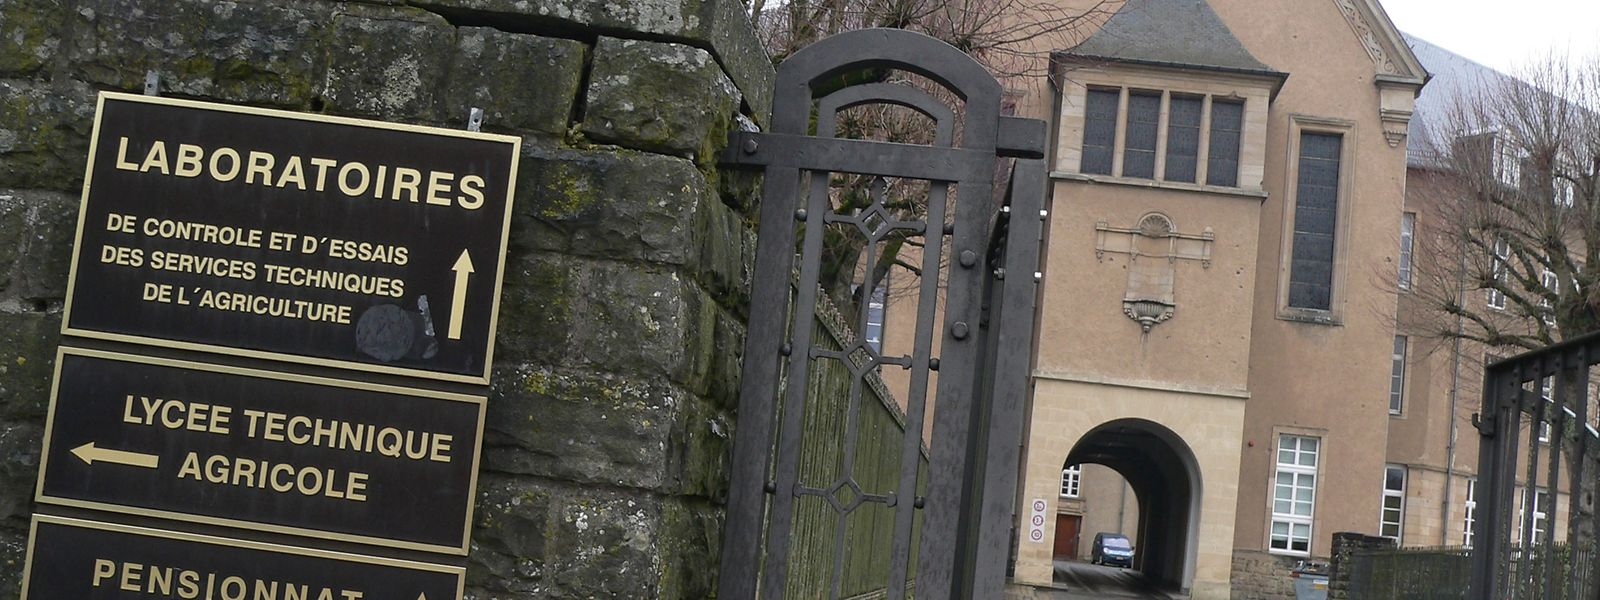 Die 1883 gegründete Ackerbauschule in Ettelbrück wurde in ihrer Geschichte schon mehrfach umgetauft, zuletzt 1979 zum Lycée technique agricole.